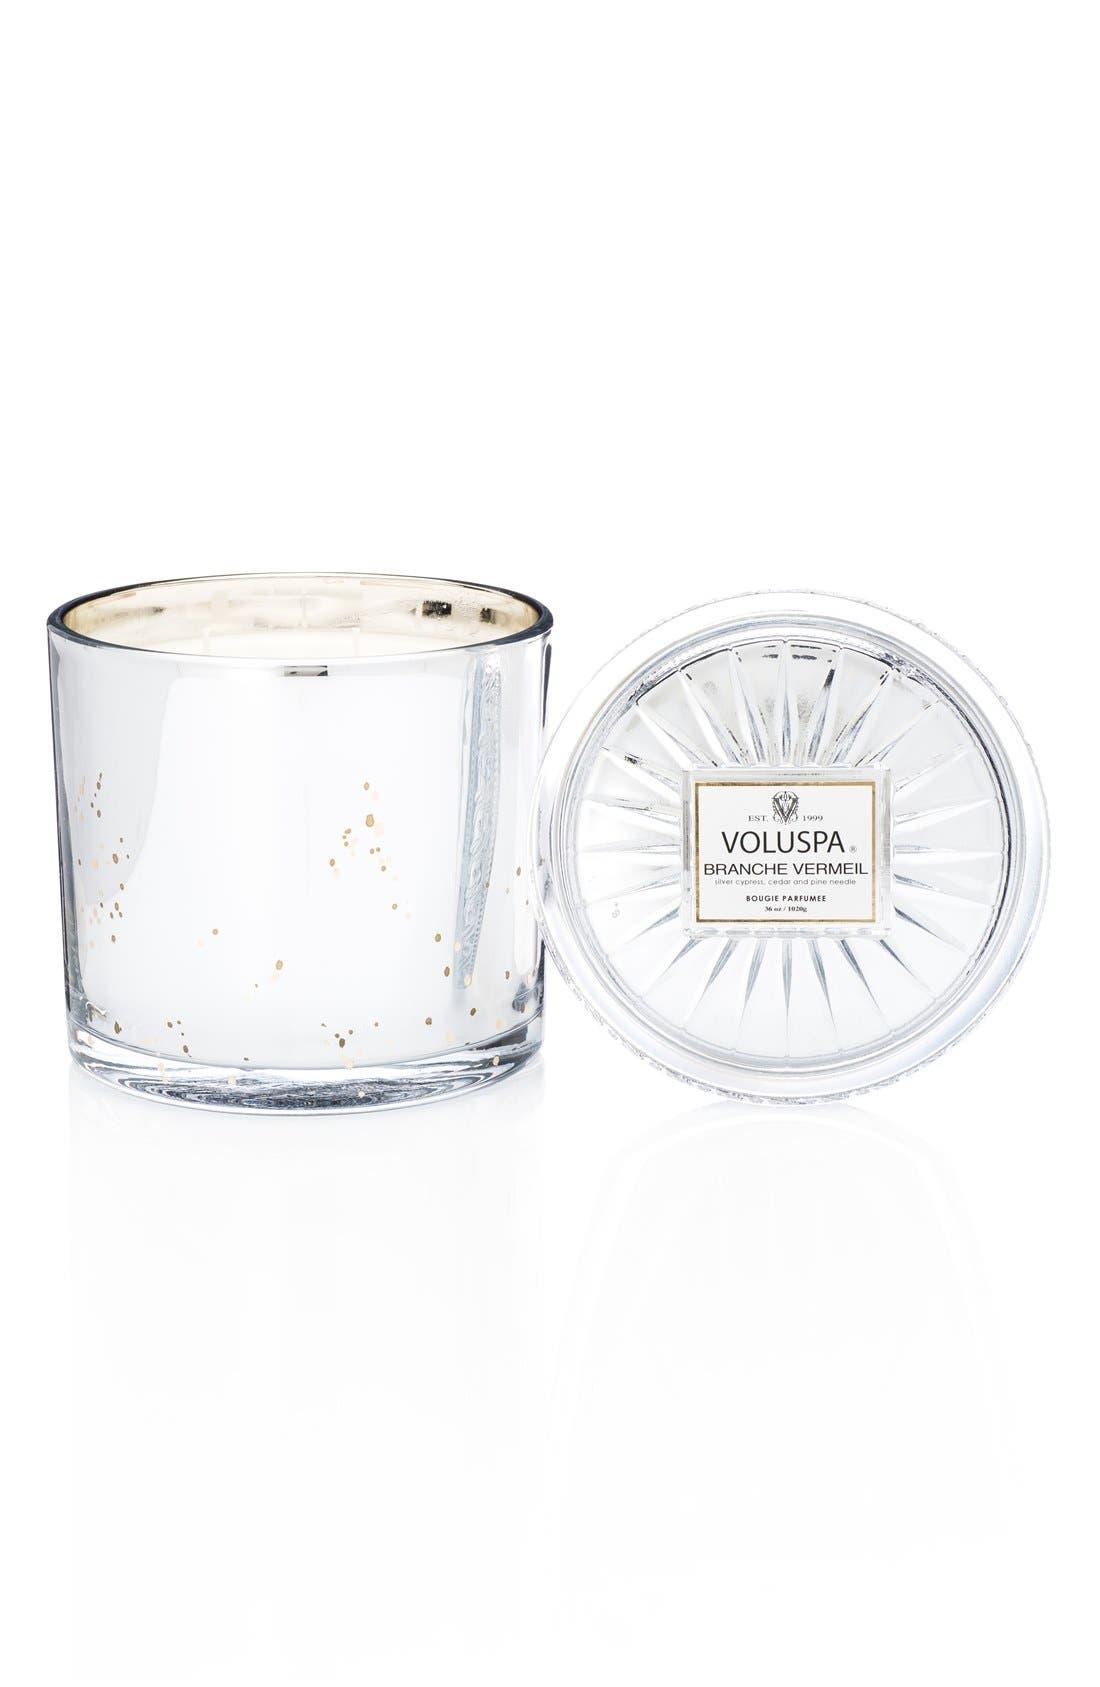 Main Image - Voluspa 'Vermeil - Branche Vermeil' Grande Maison Candle